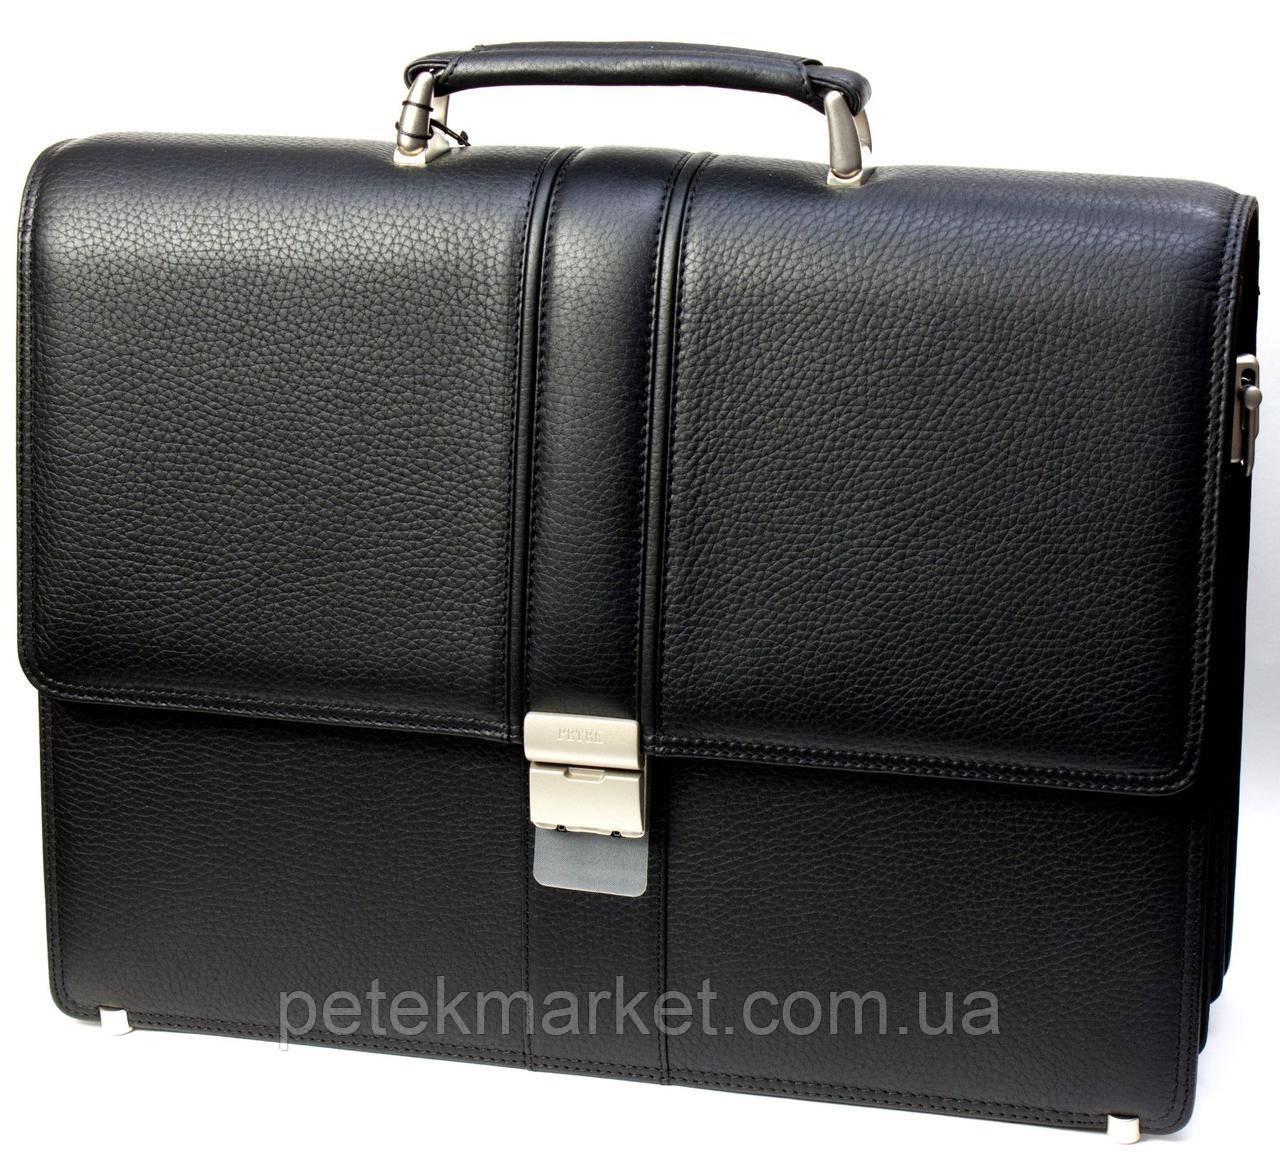 Портфель мужской Petek 794, Черный, Естественная фактура, Матовая, Кожа